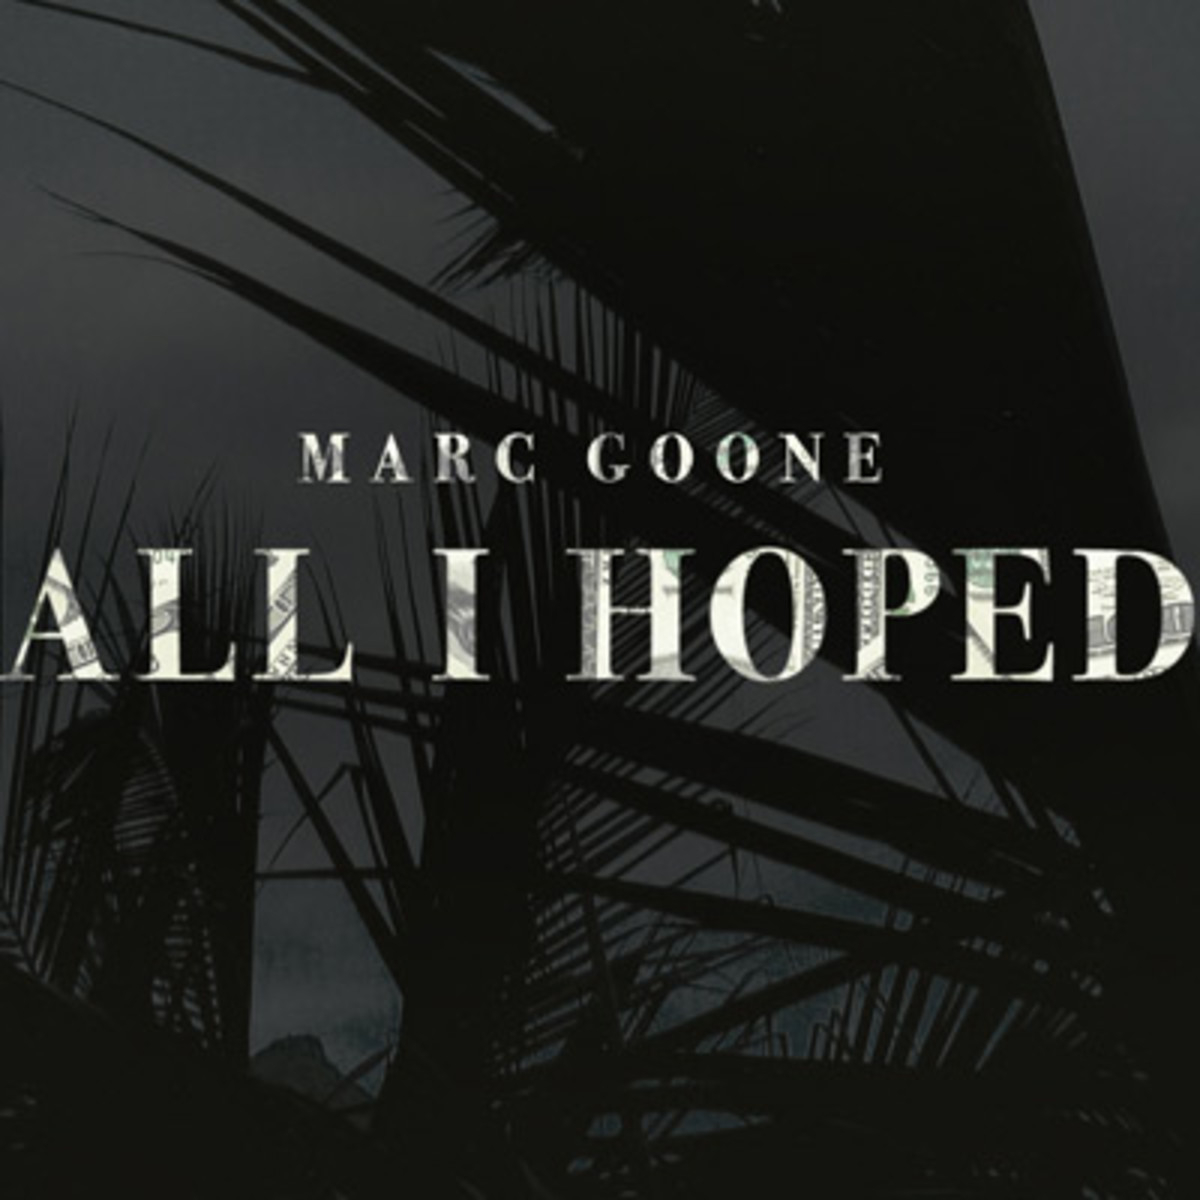 marcgoone-allihoped.jpg